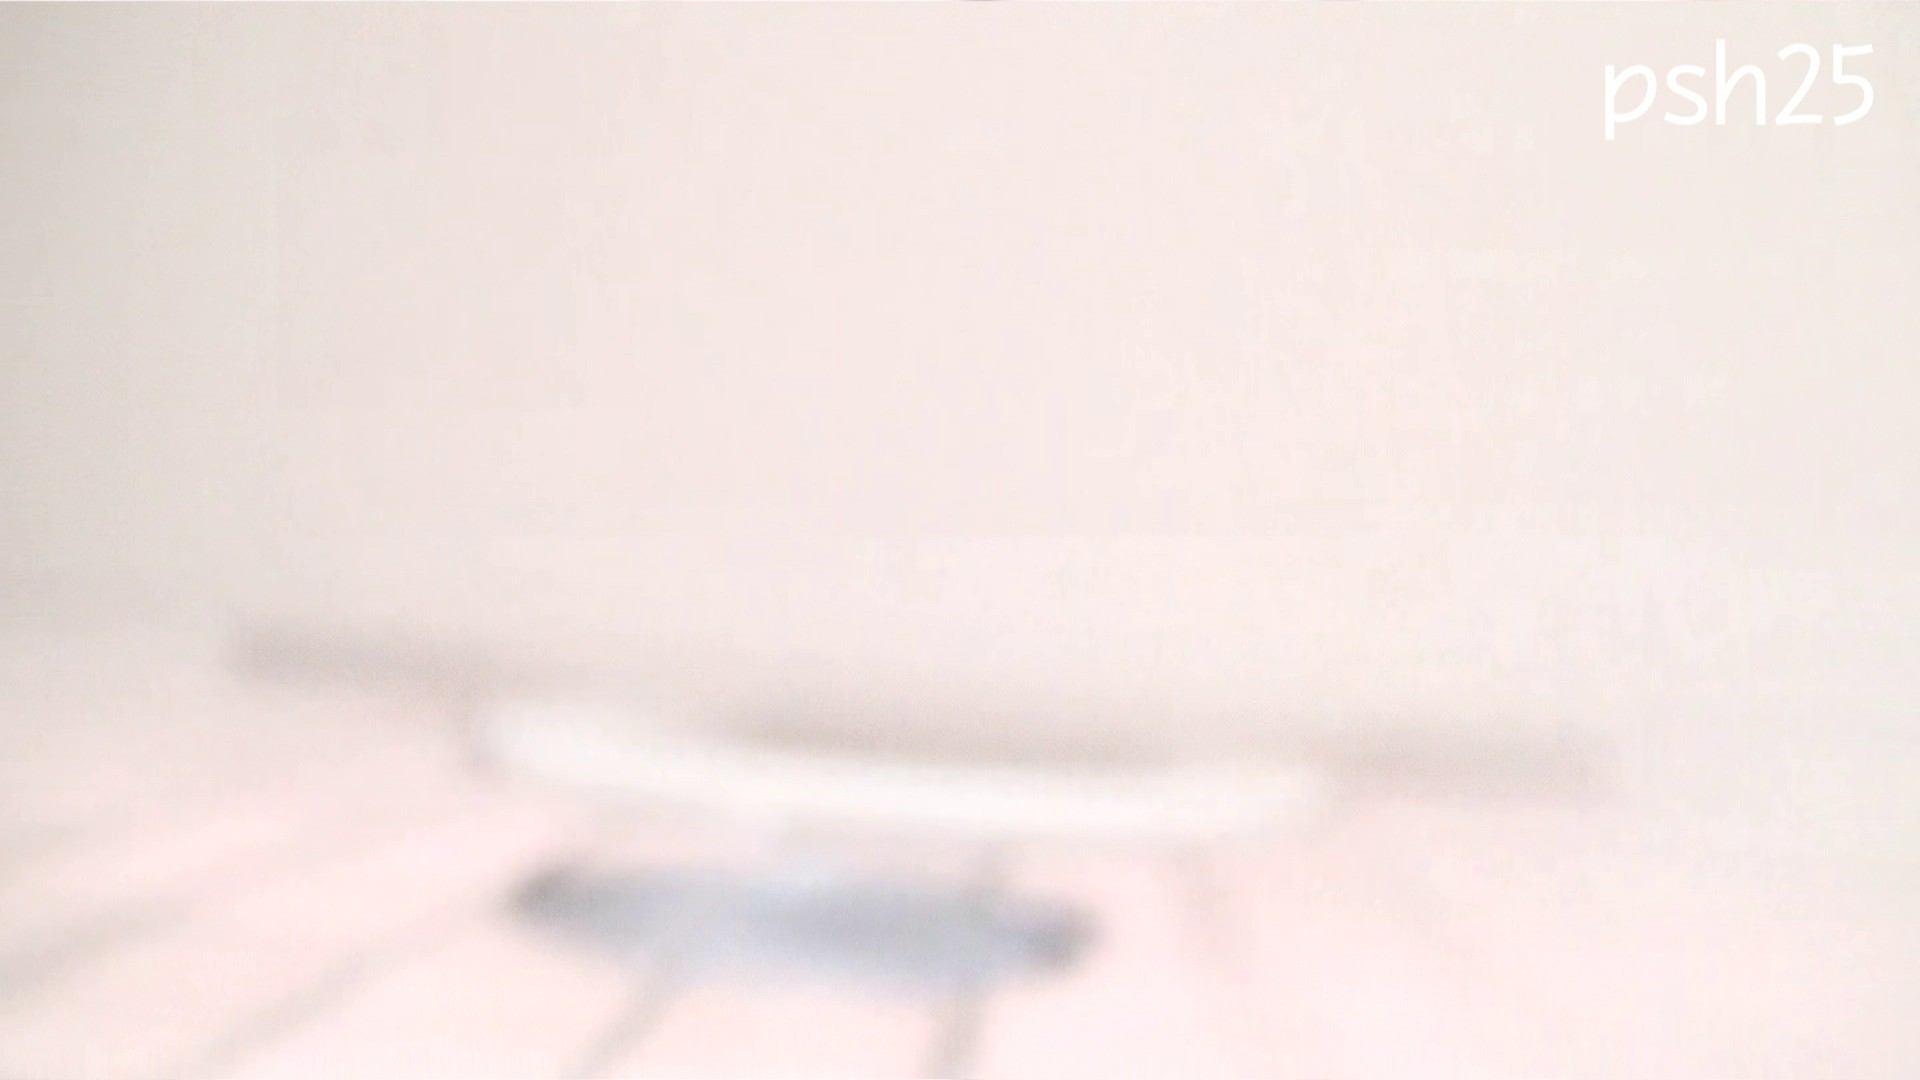 ▲復活限定▲ハイビジョン 盗神伝 Vol.25 女体盗撮 盗撮オマンコ無修正動画無料 71連発 26